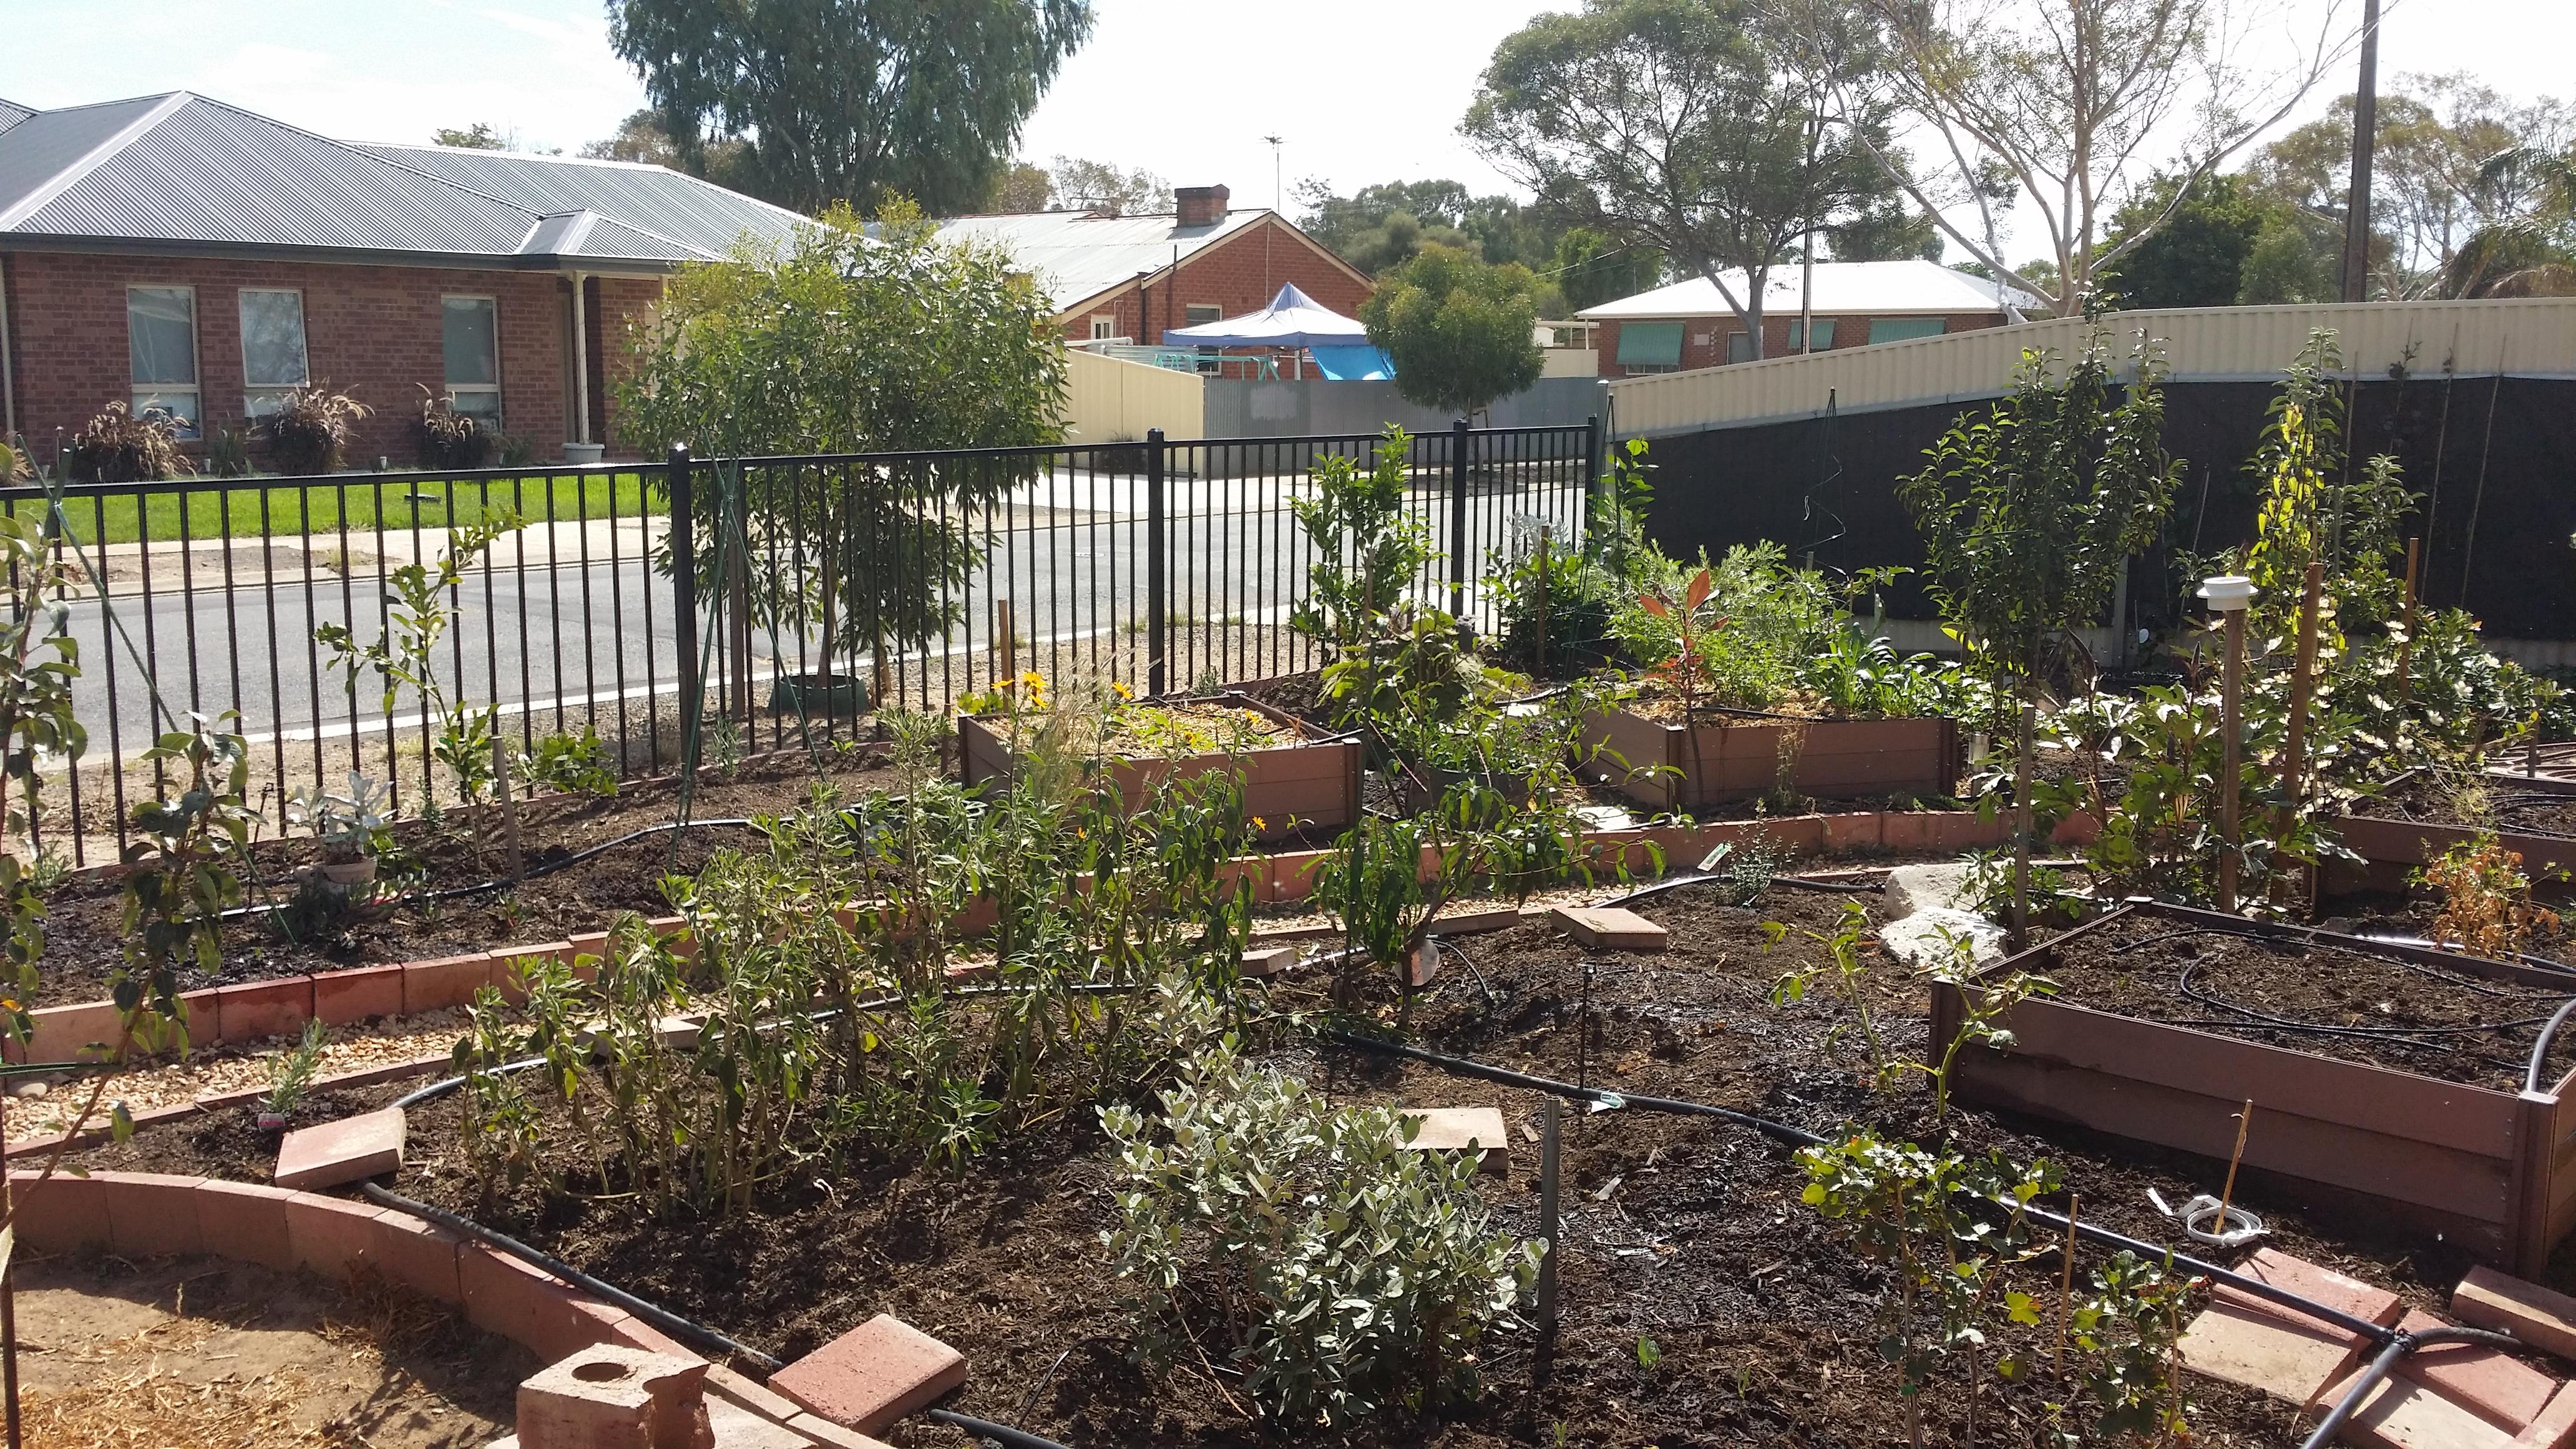 Now it's looking like a garden!